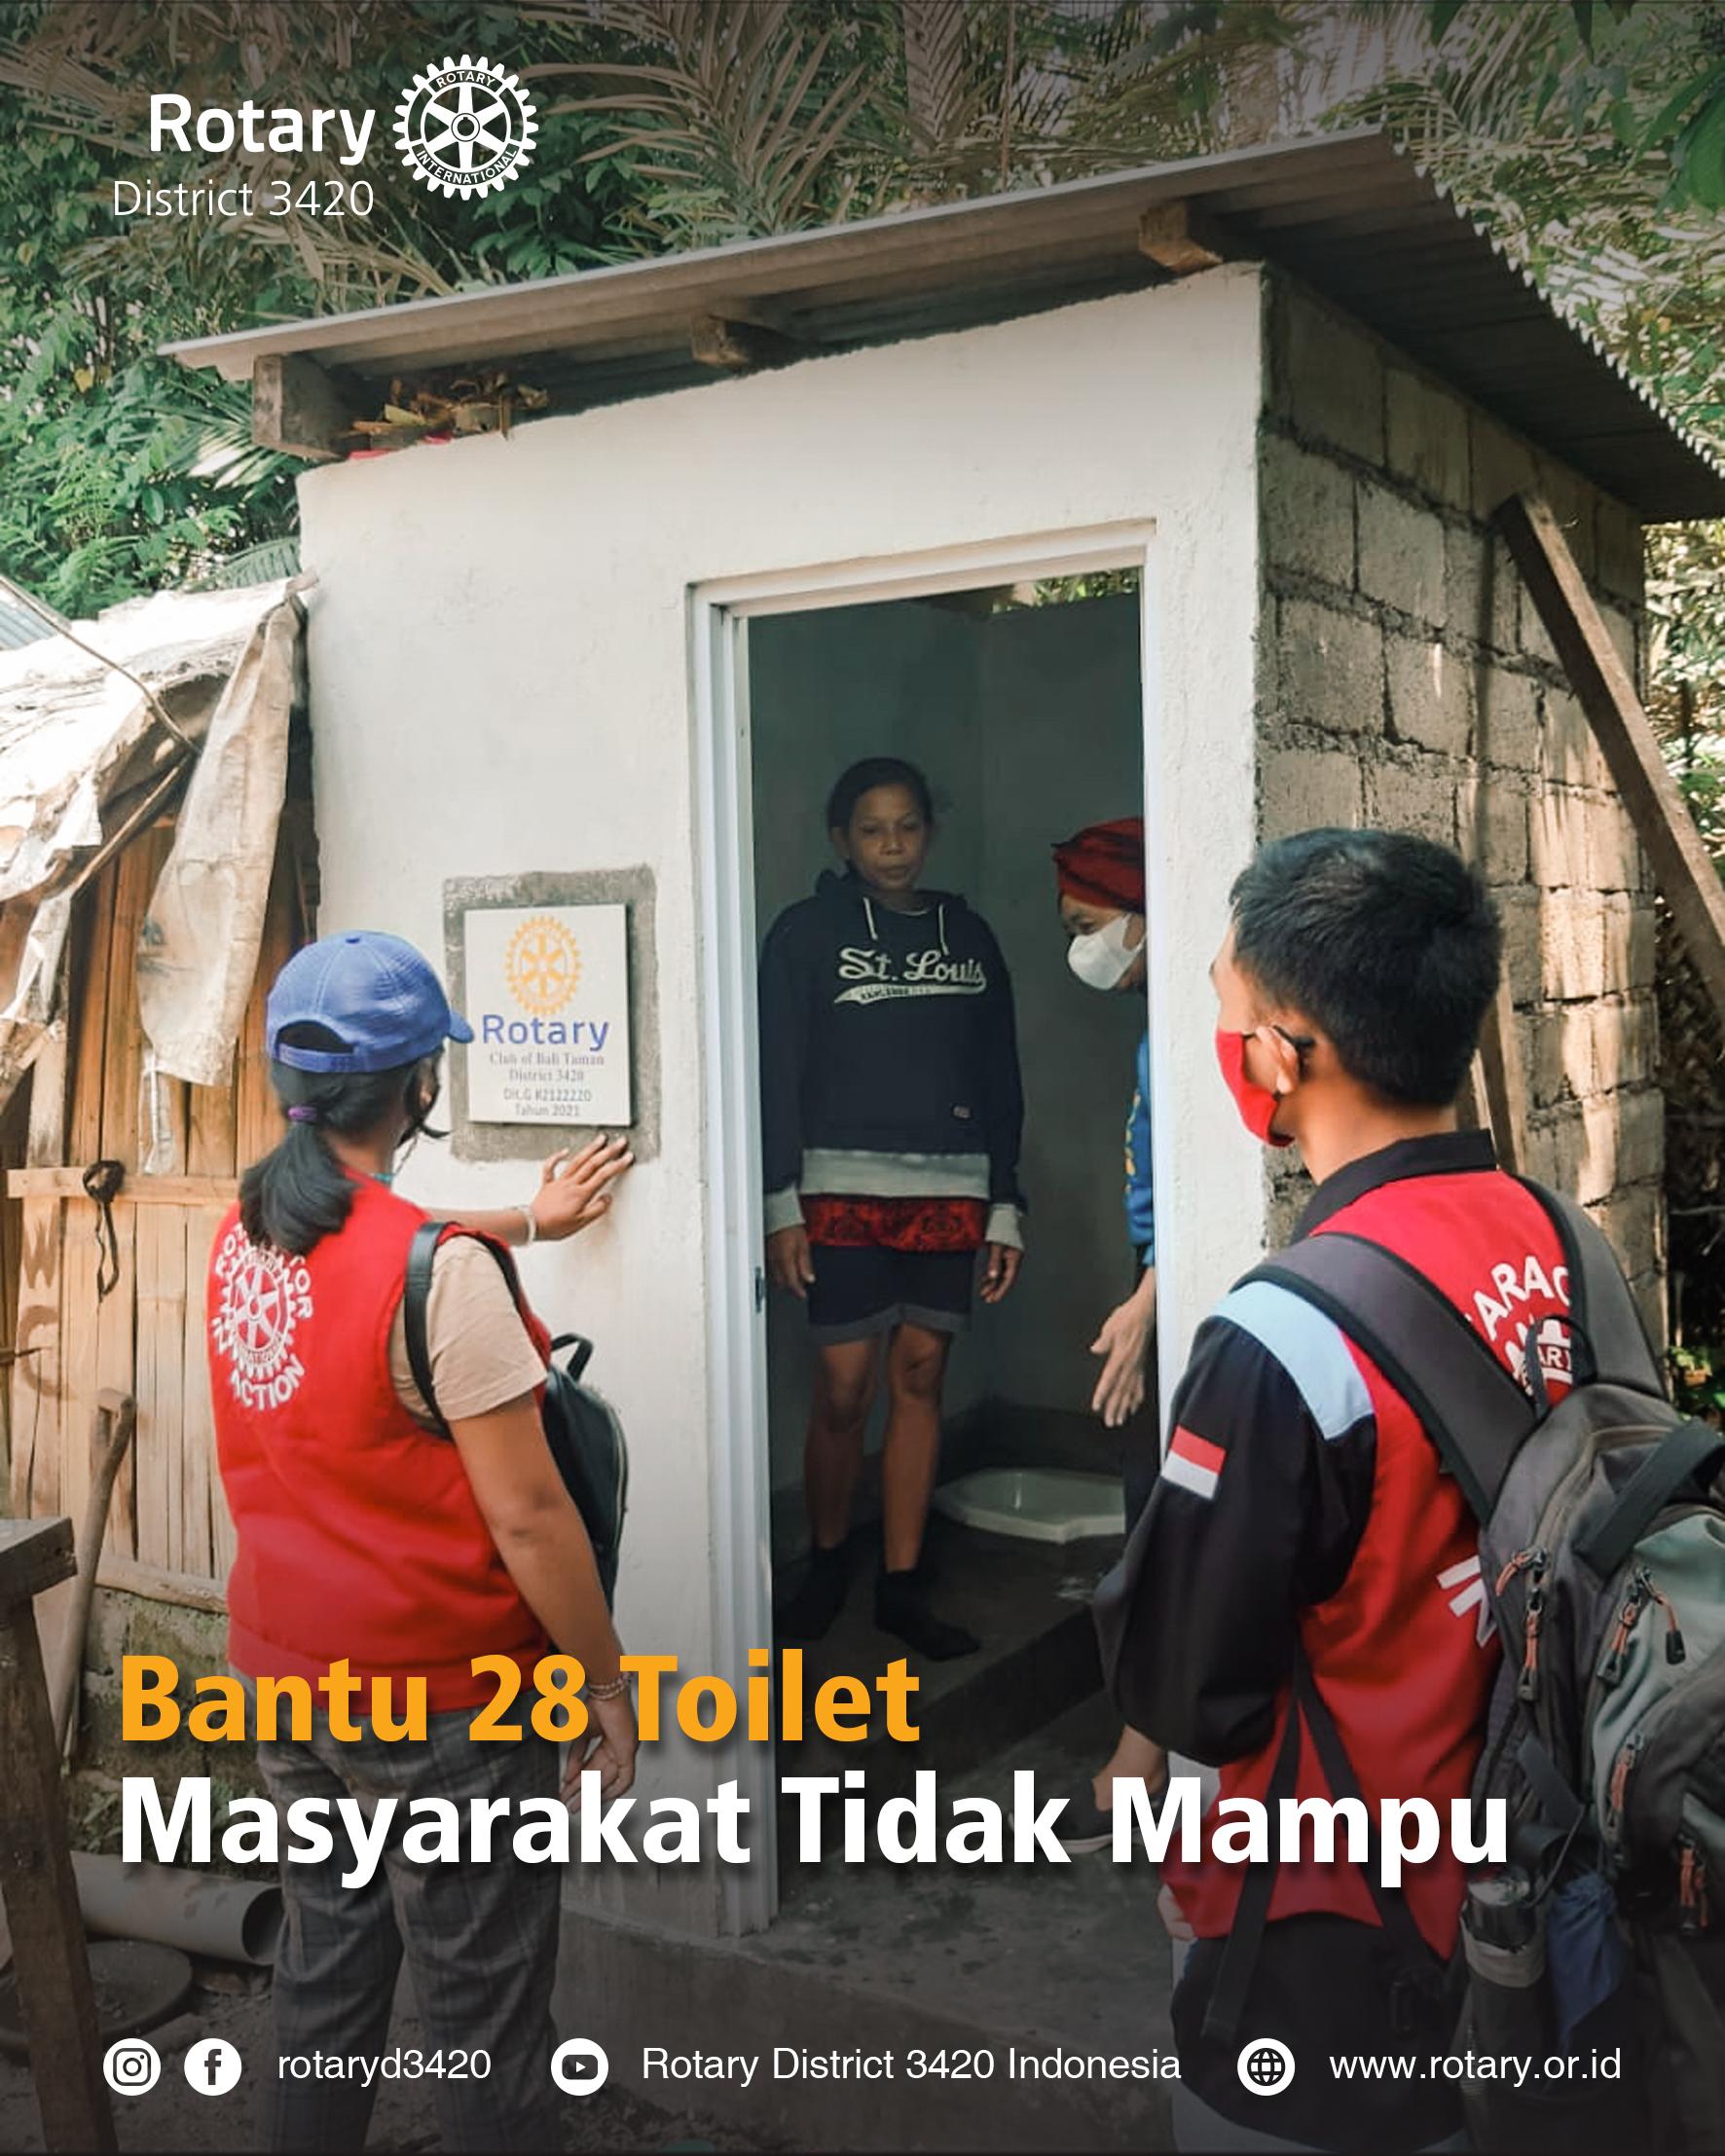 Bantu 28 toilet masyarakat tidak mampu